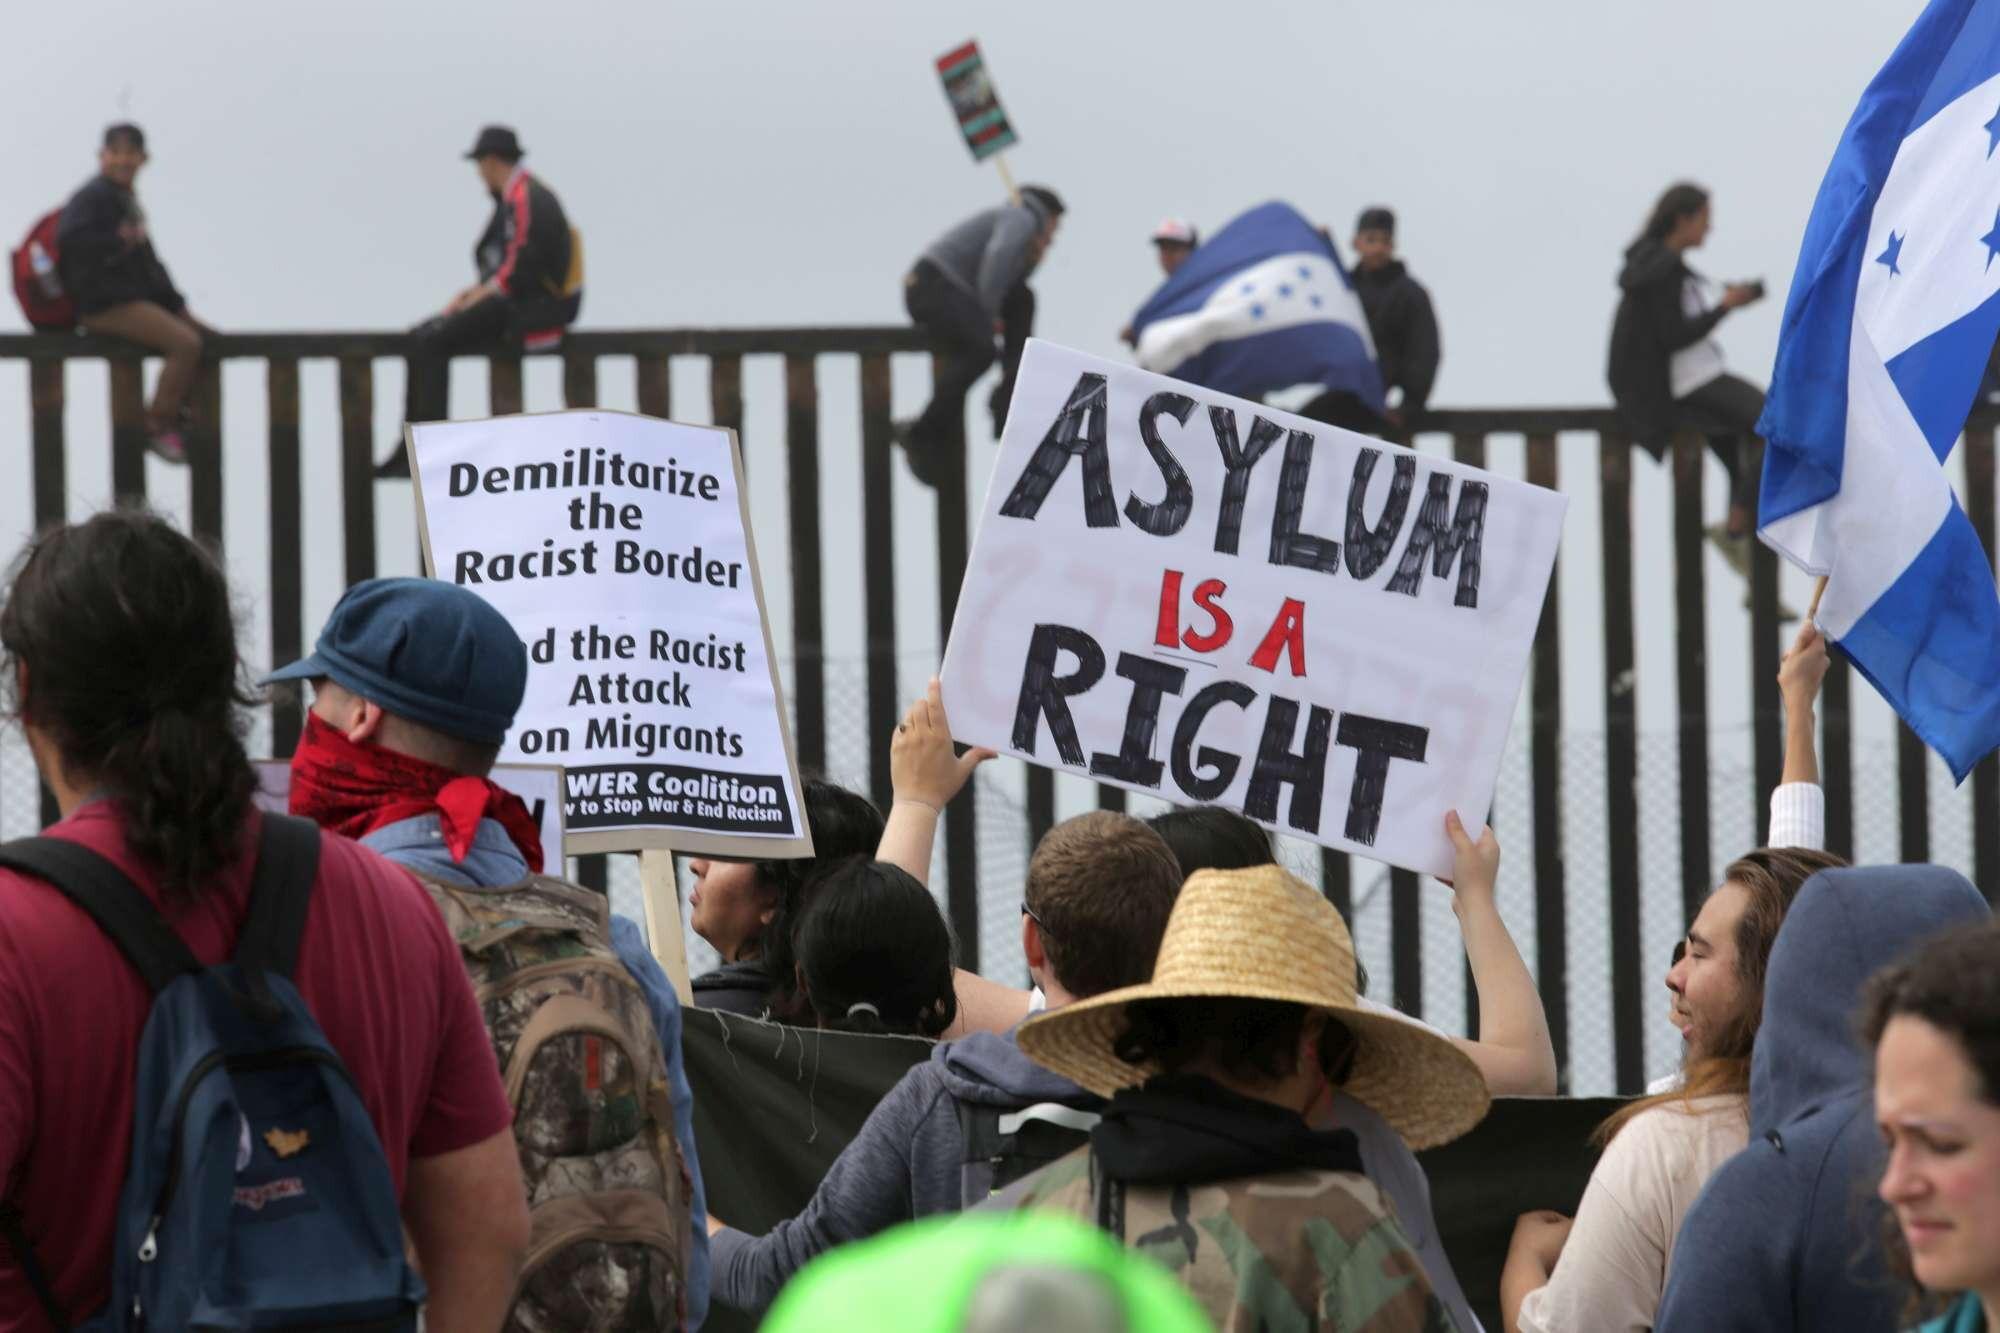 Caos migranti alla frontiera Usa-Messico: oltre 200 in attesa di asilo